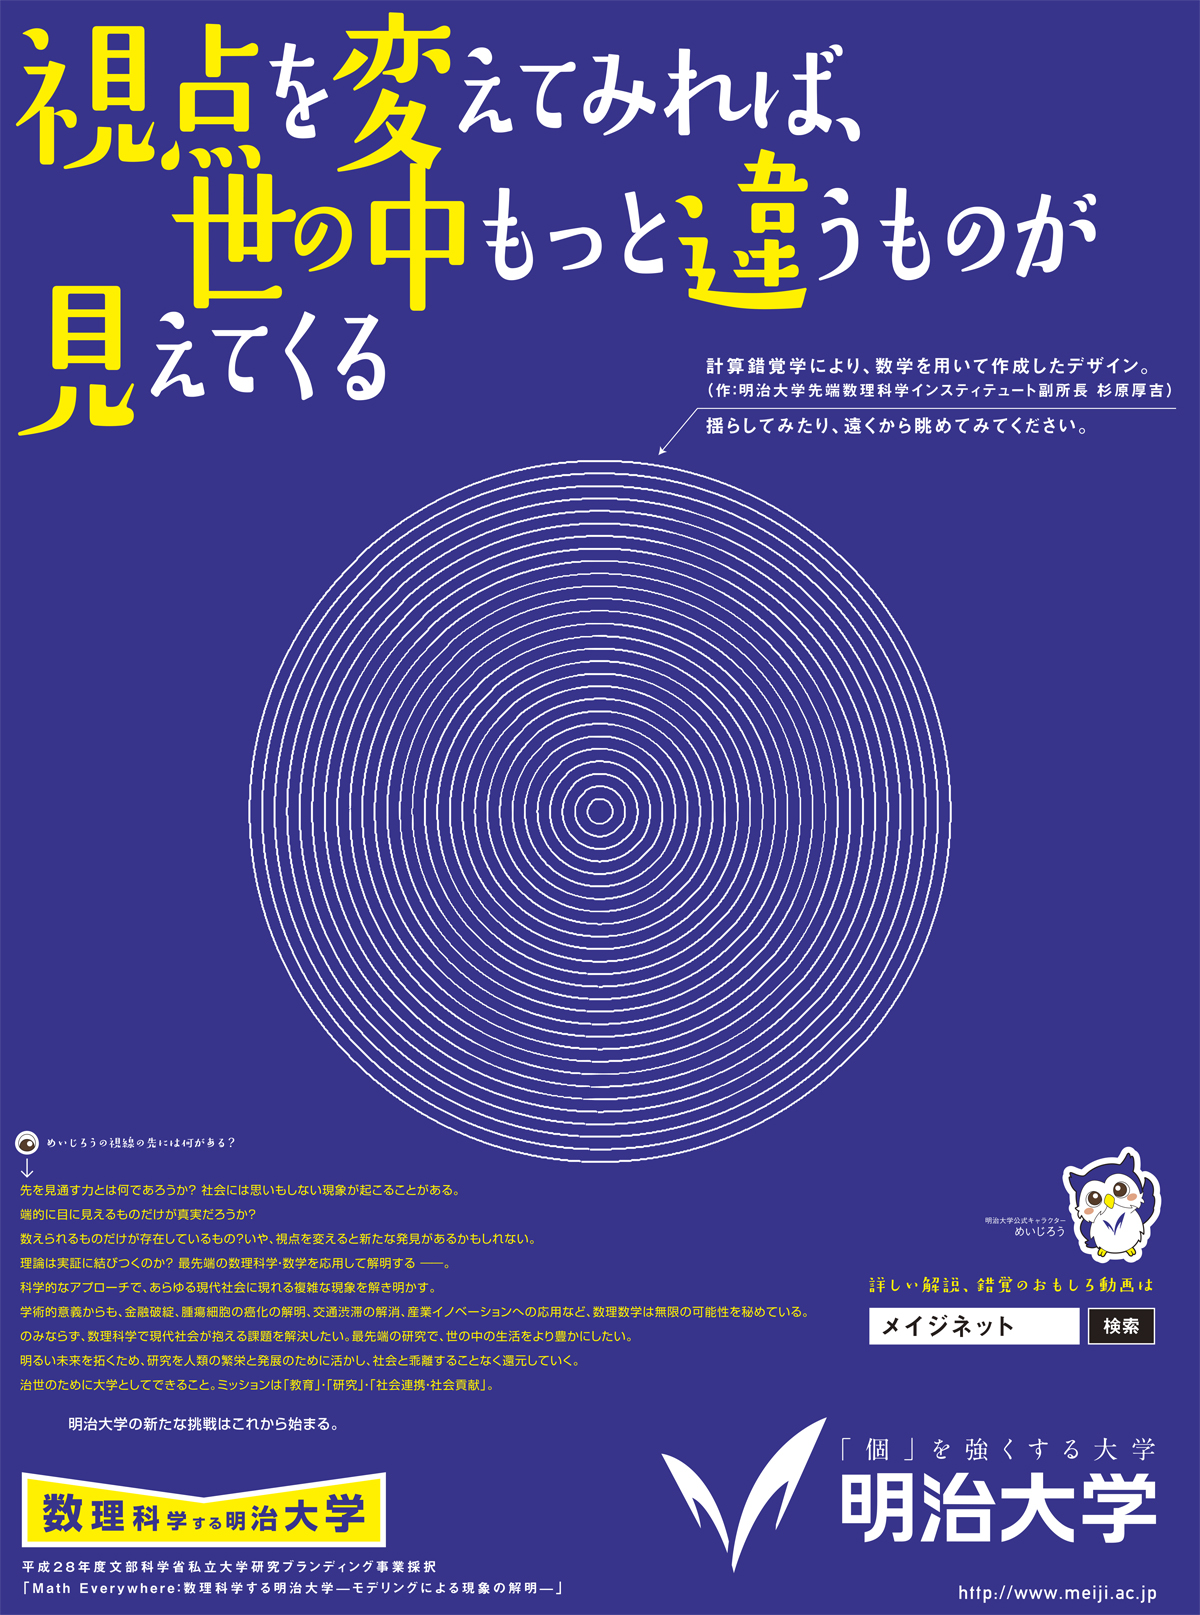 明治大学 朝日新聞広告